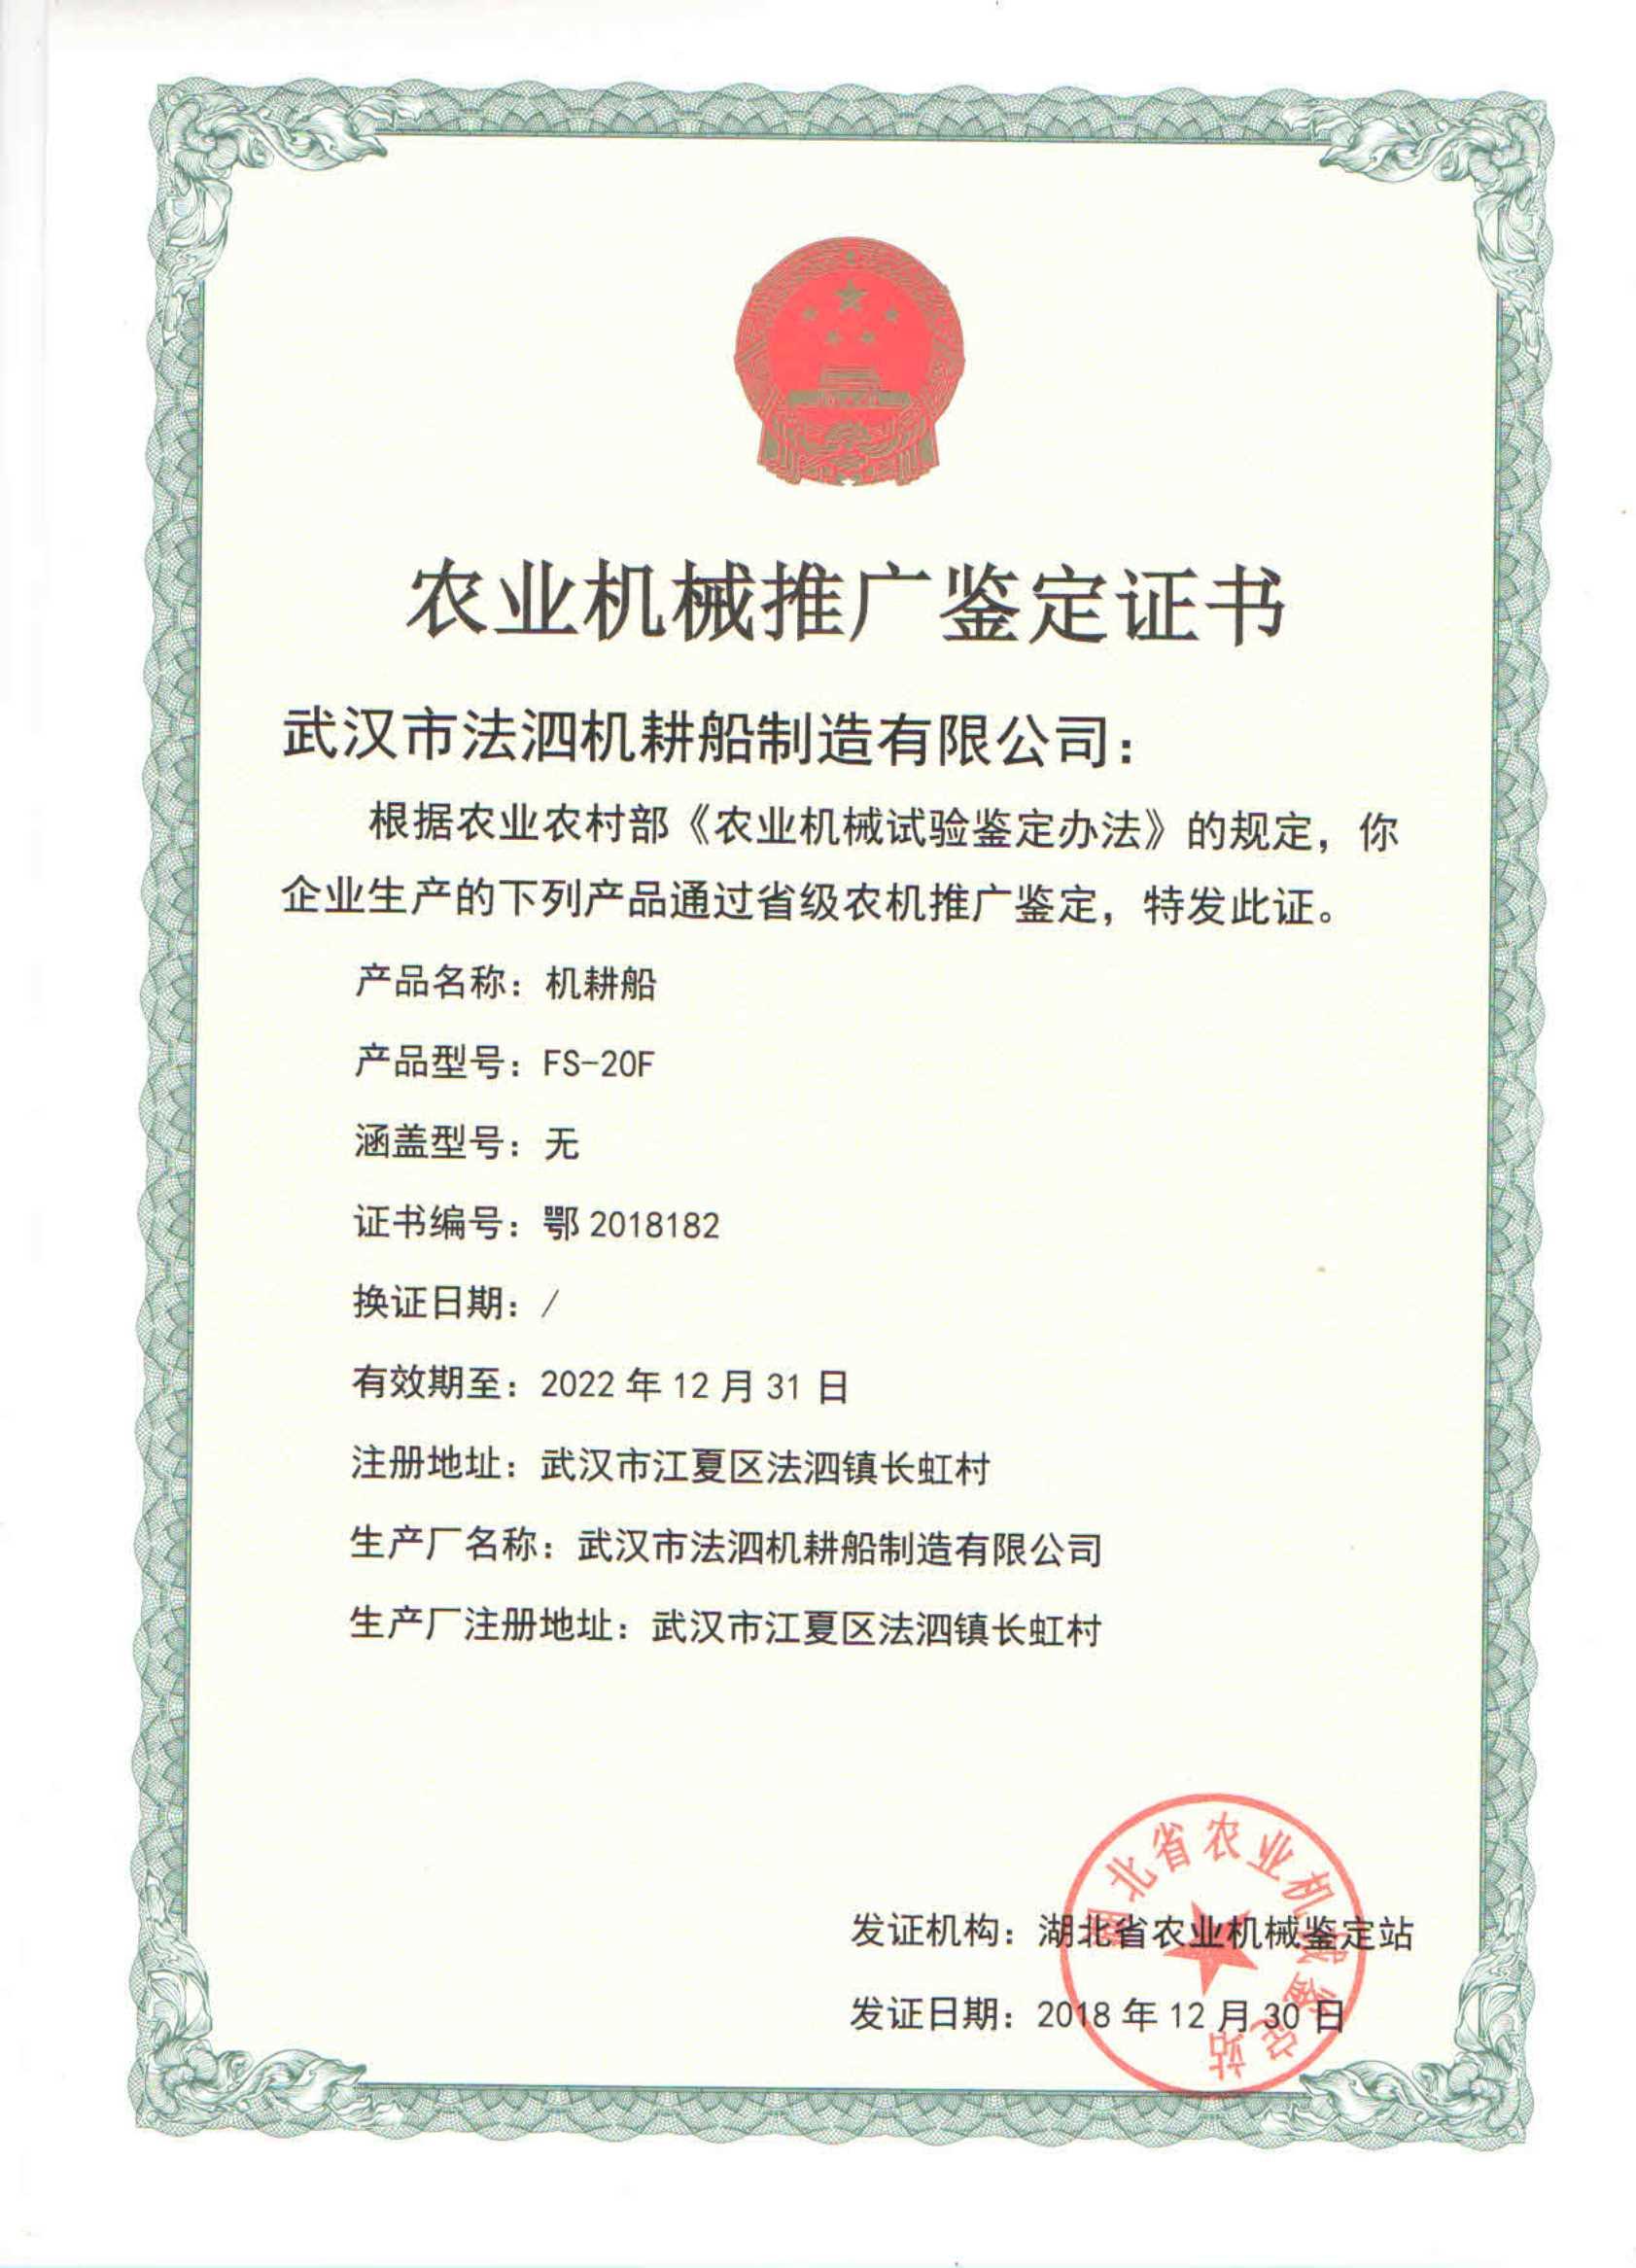 FS-20F 农业机械推广鉴定证书